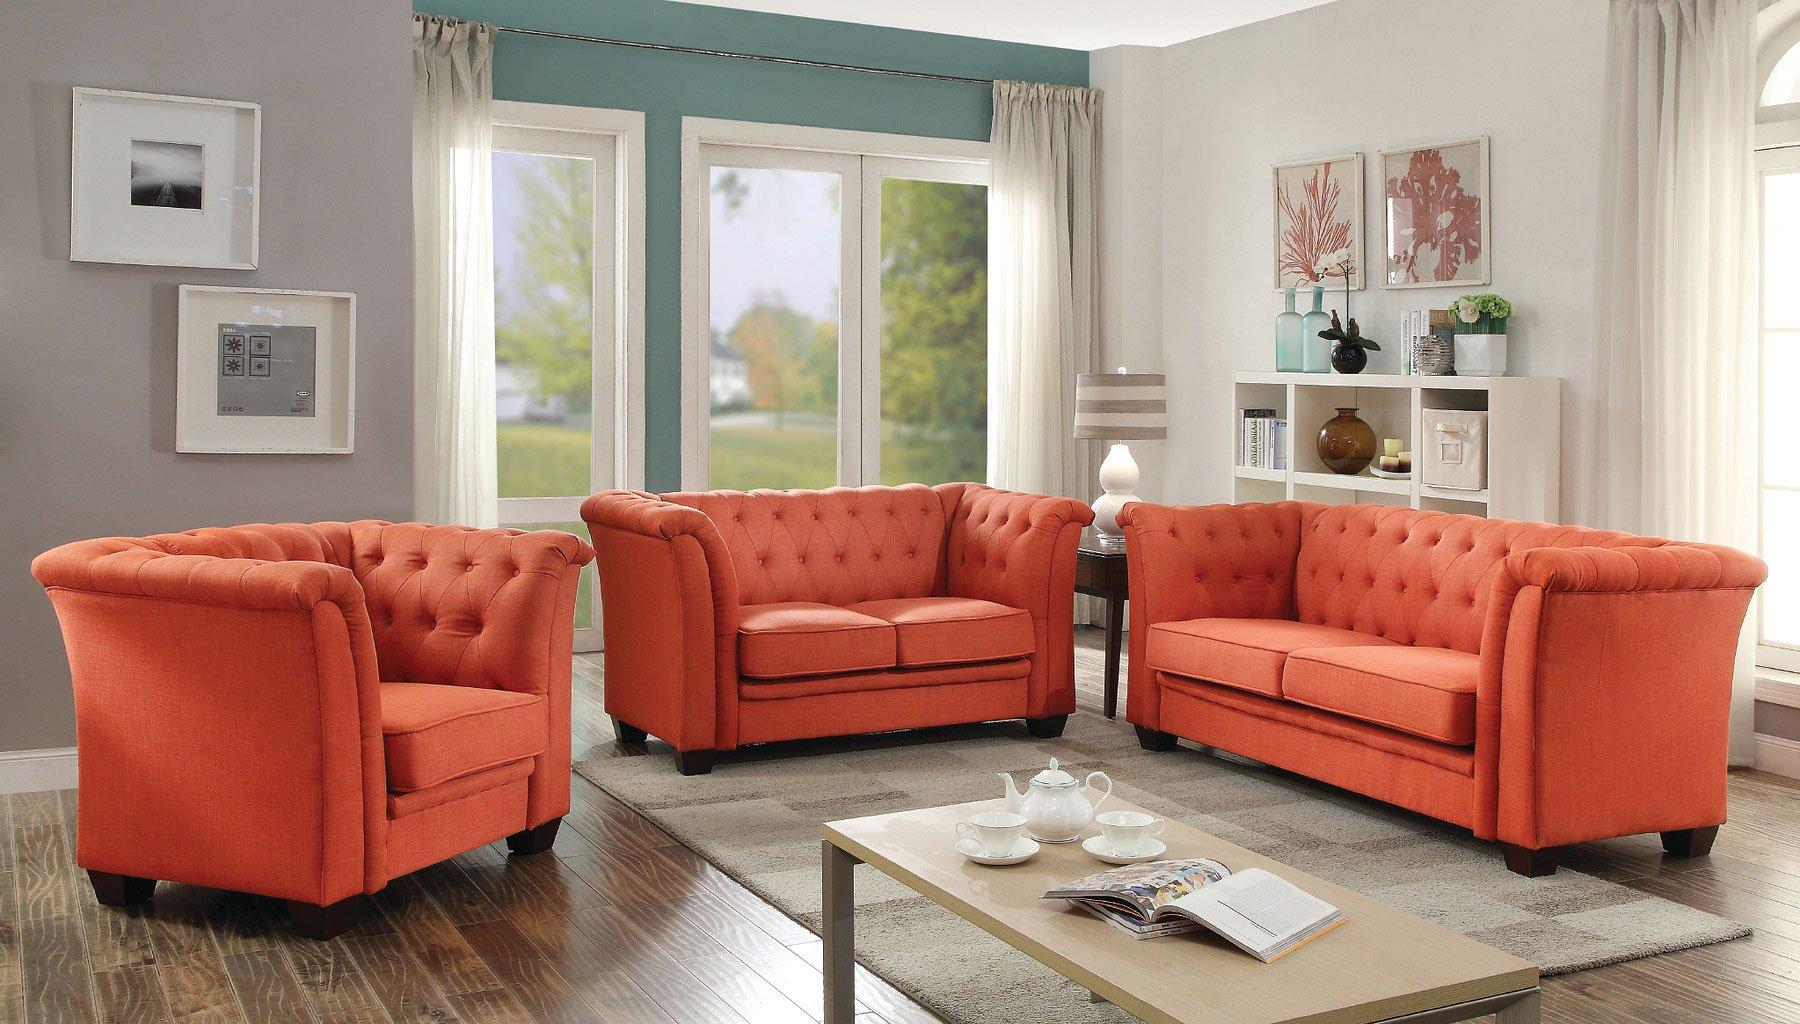 G324 tufted living room set orange